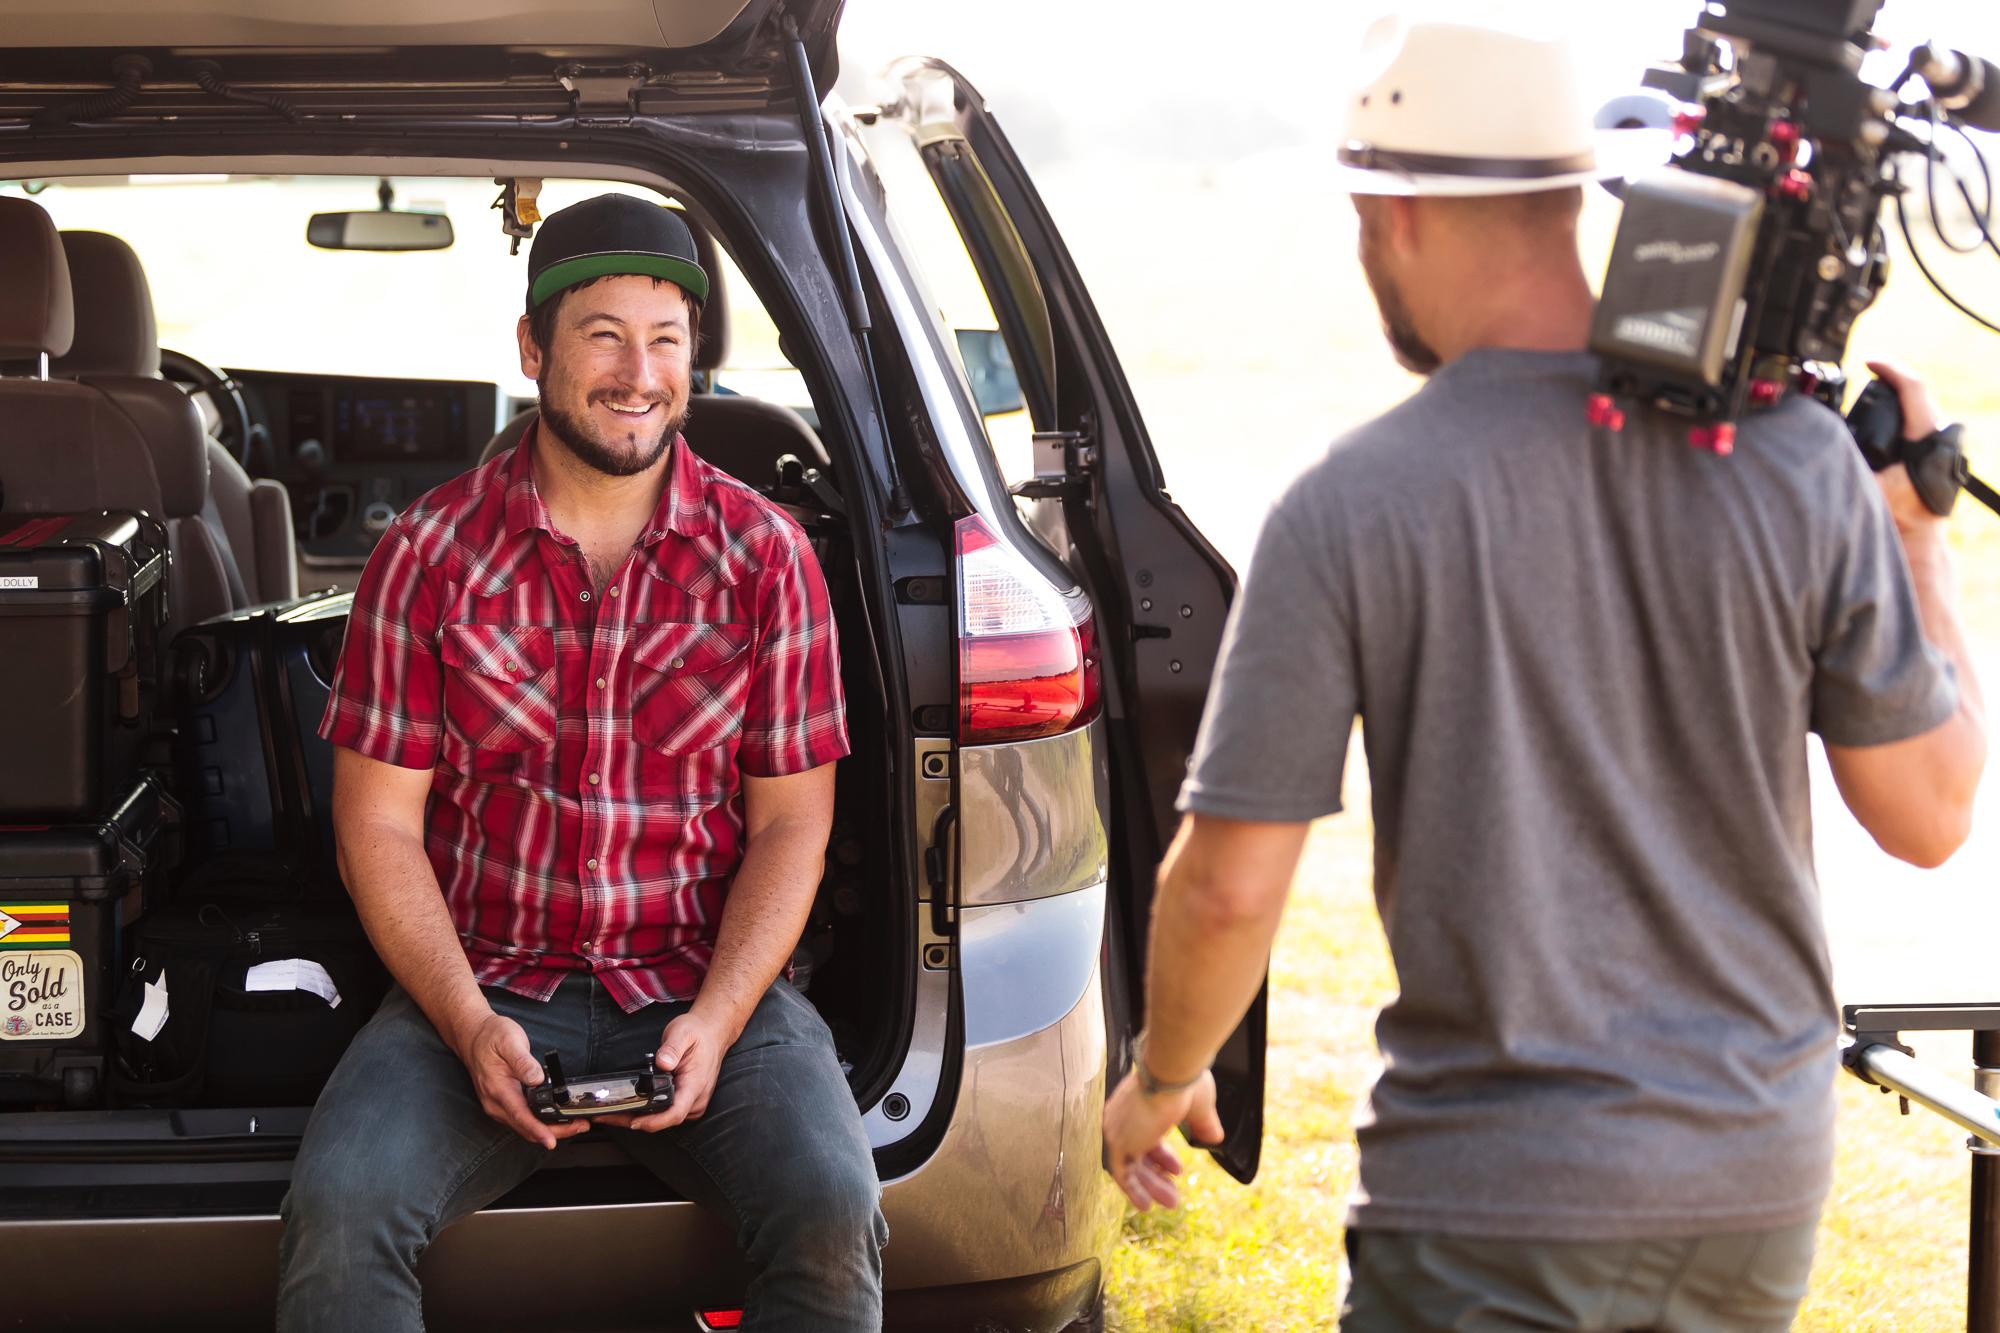 man filming other man sitting in van hatch